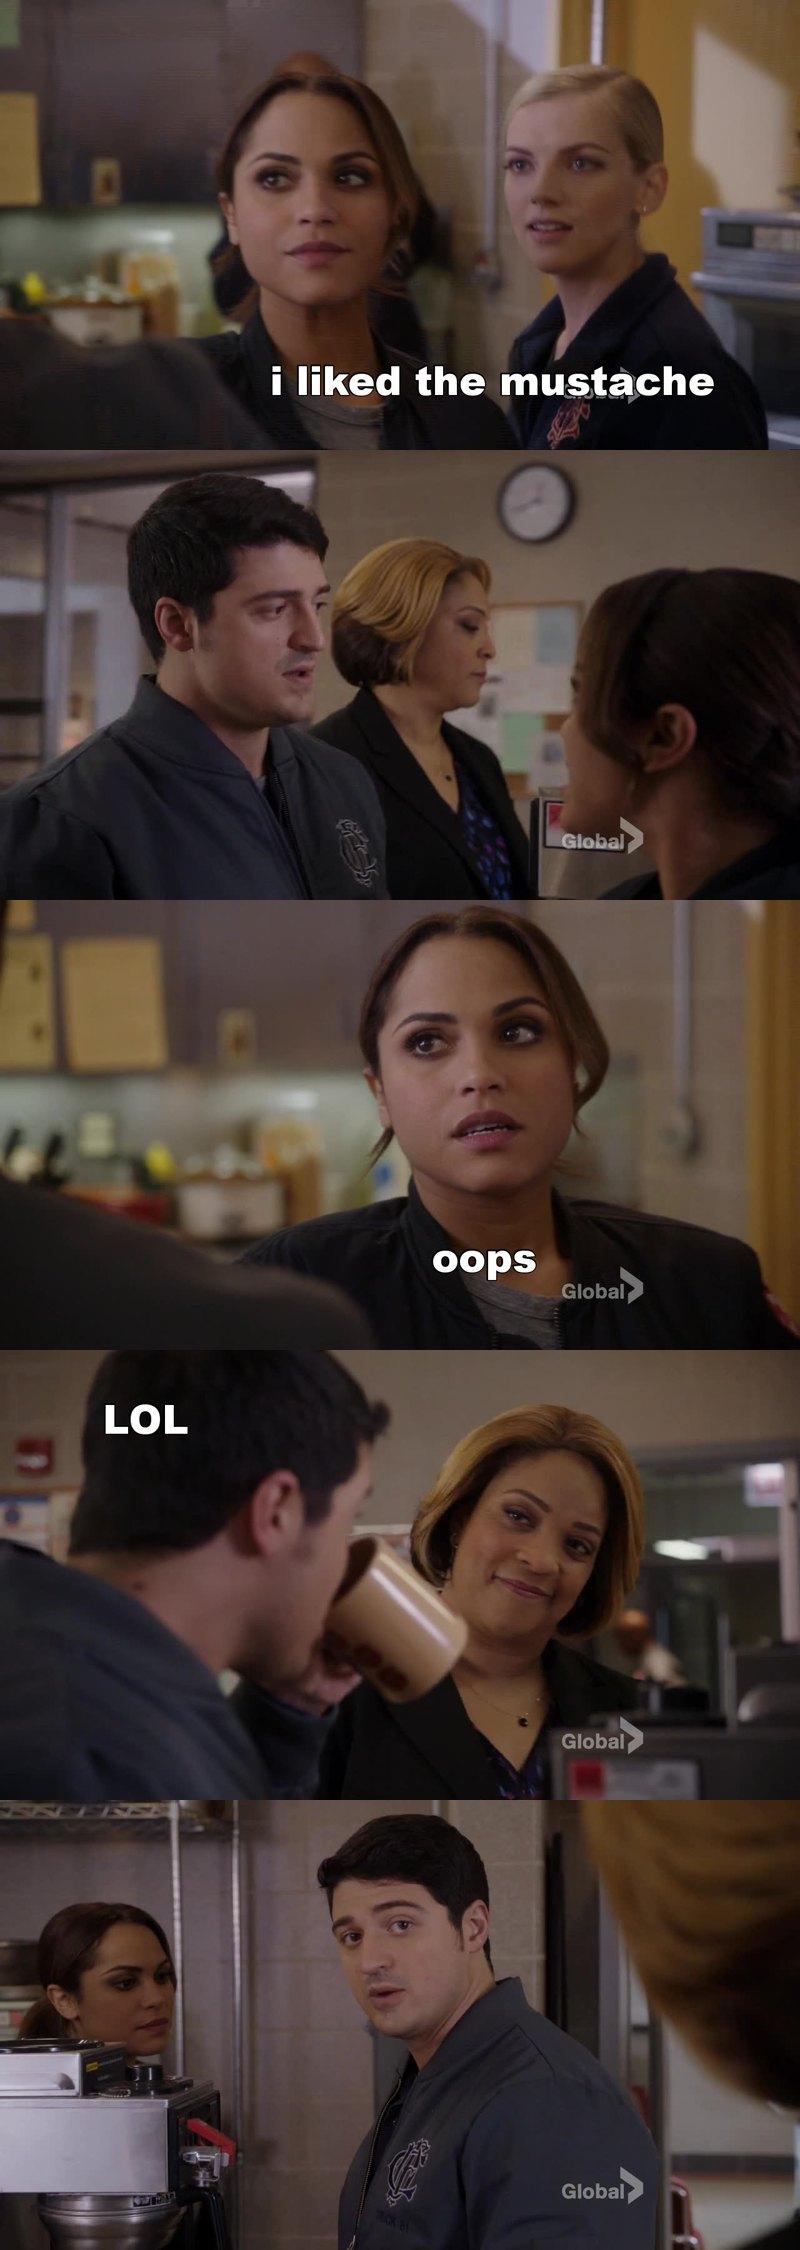 hilarious scene...